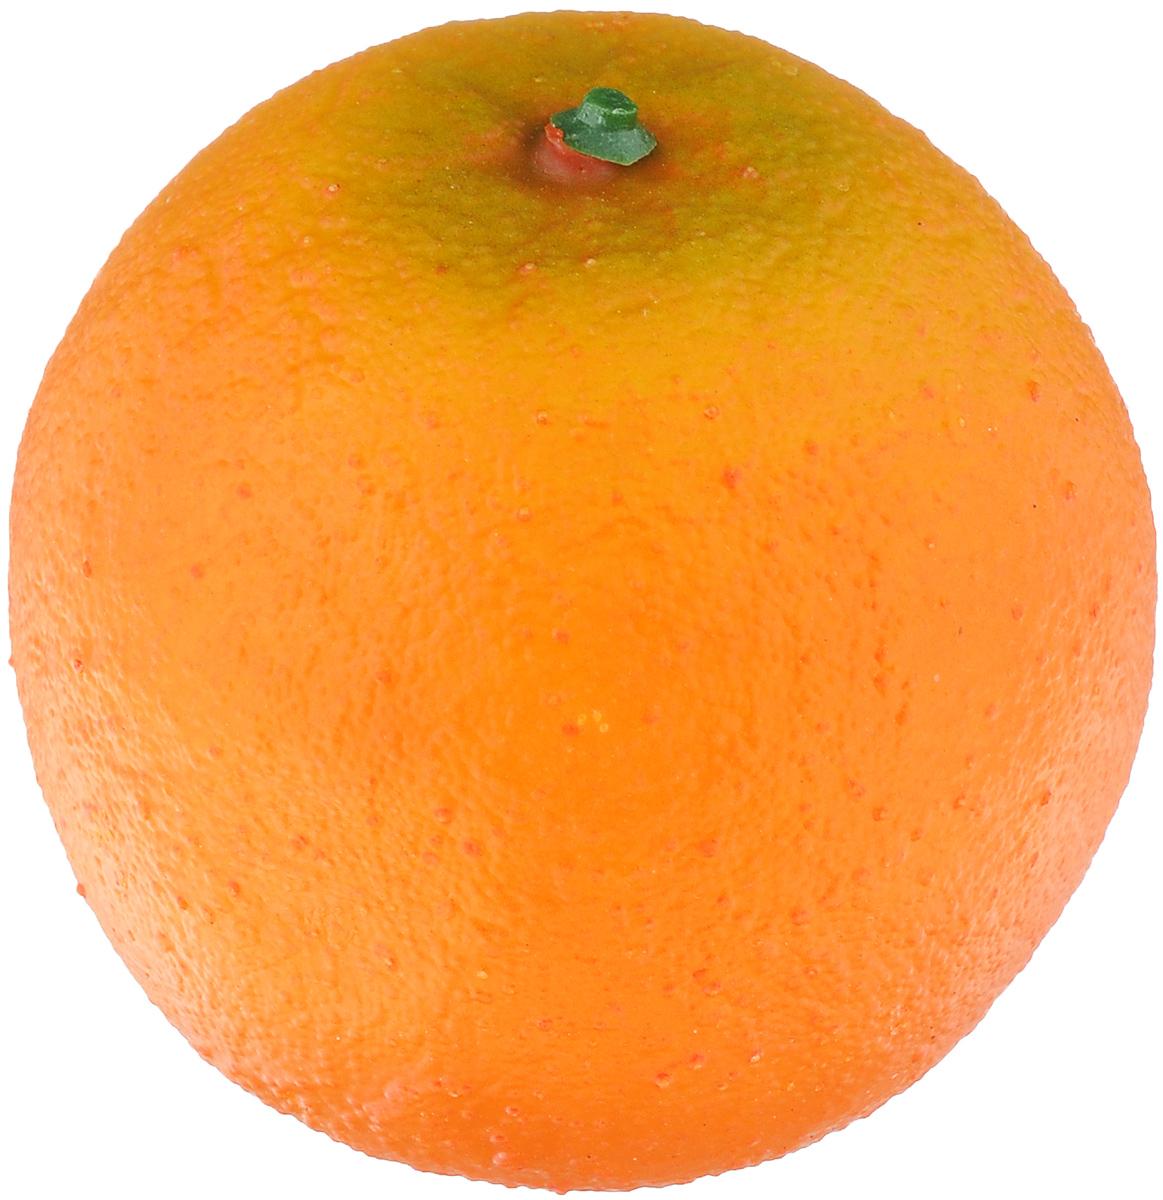 Муляж Апельсин, цвет: оранжевый, 8 смCZ90/80Муляж Апельсин изготовлен из полиуретана, окрашен в естественные цвета. Предназначен для украшения интерьера дома. Диаметр муляжа: 8 см.